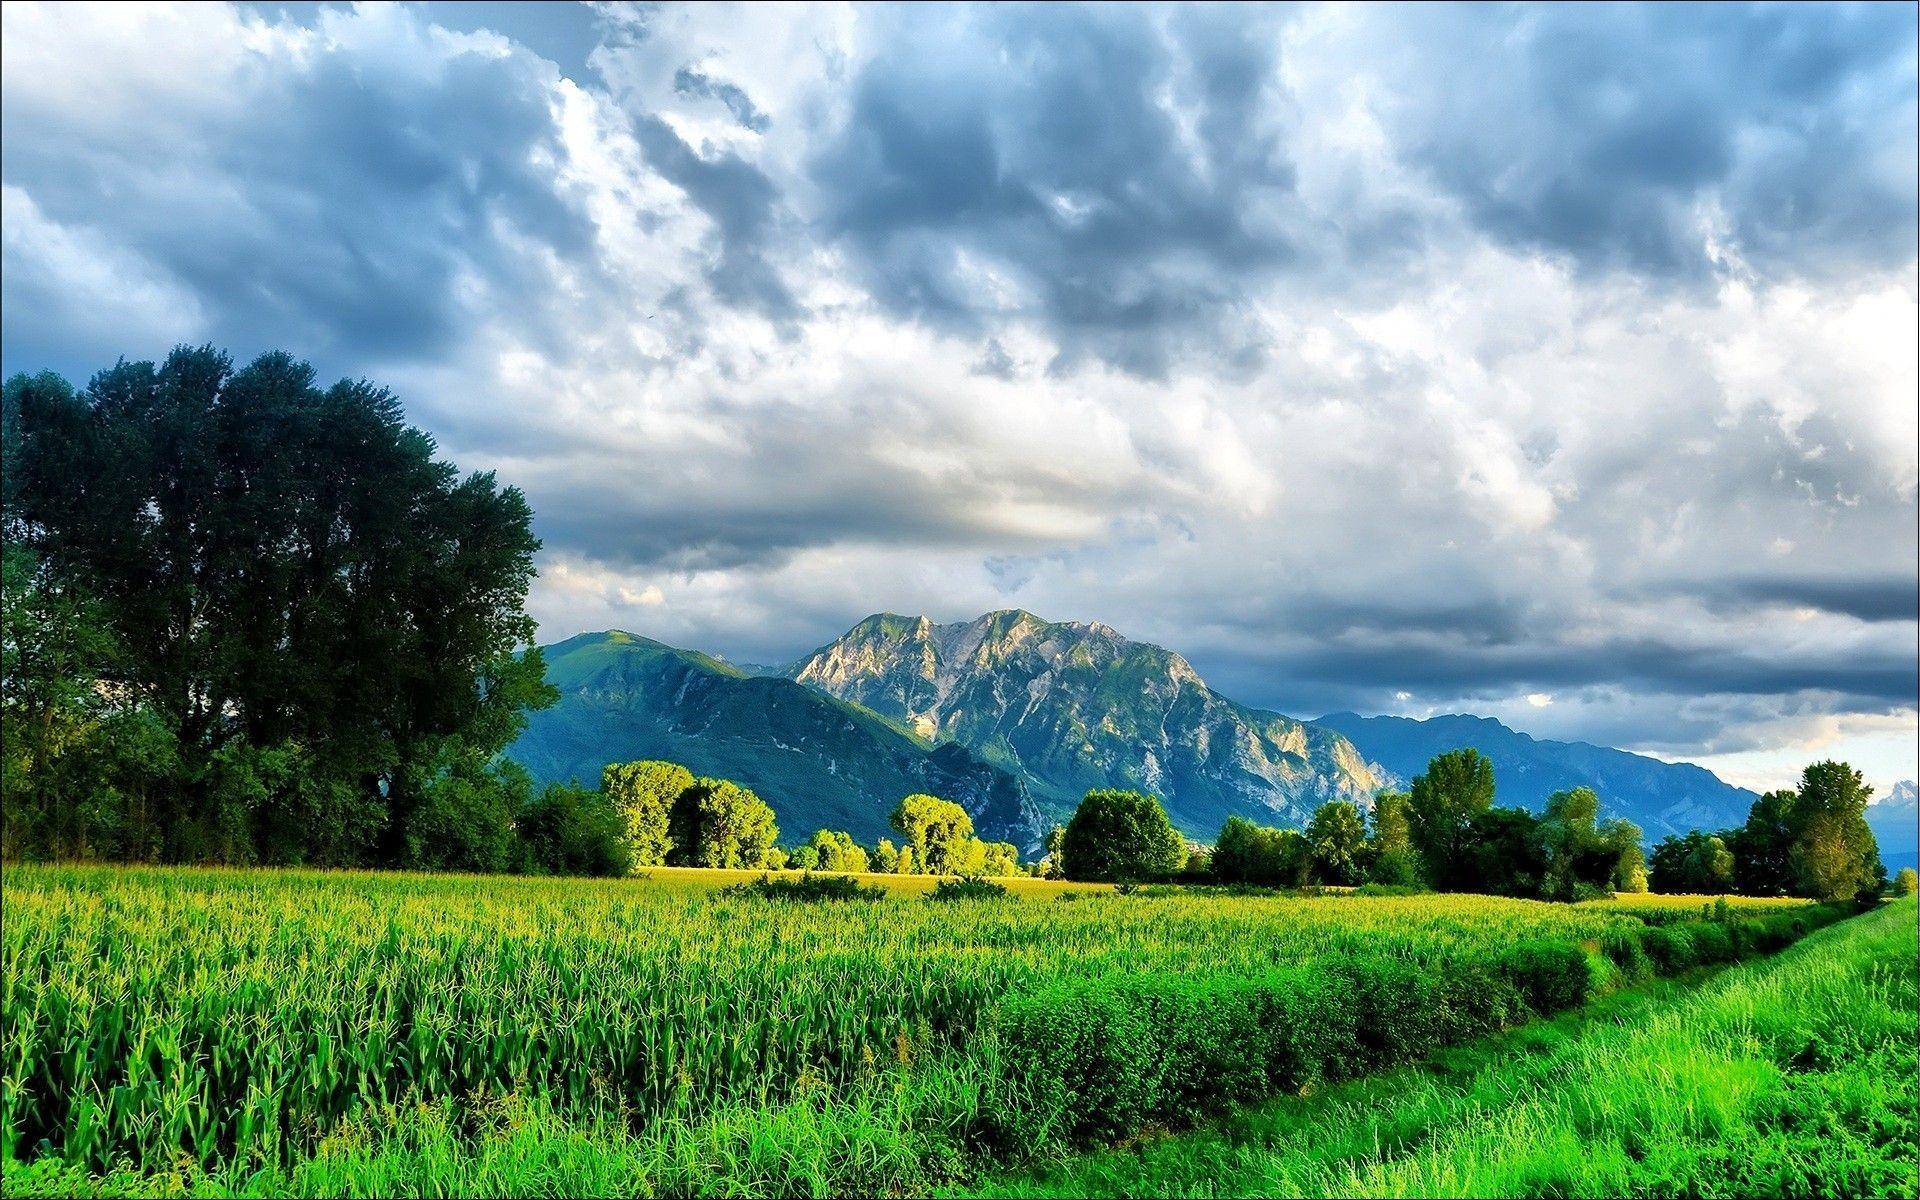 landscape-hq-landscape-desktop-background-backgrounds-wallpapers.jpg